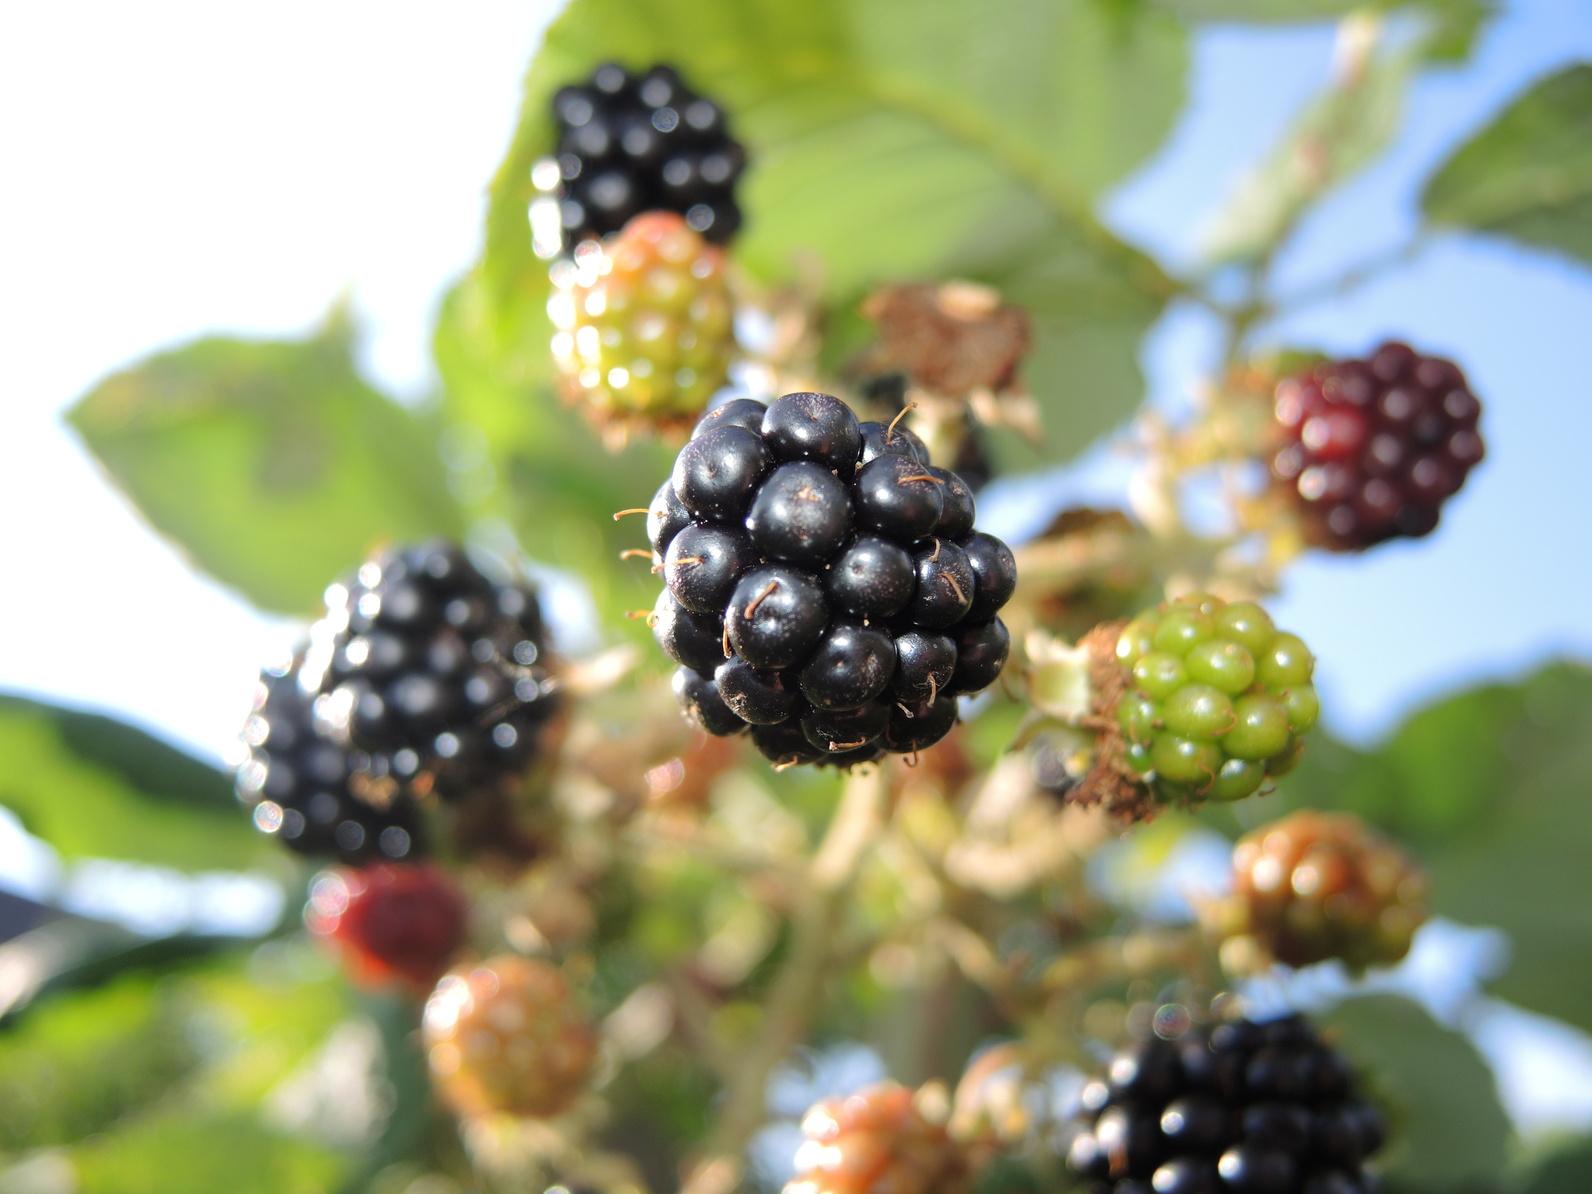 Prächtig Neue, aromatische Brombeeren ohne Dornen | GartenFlora &GZ_65